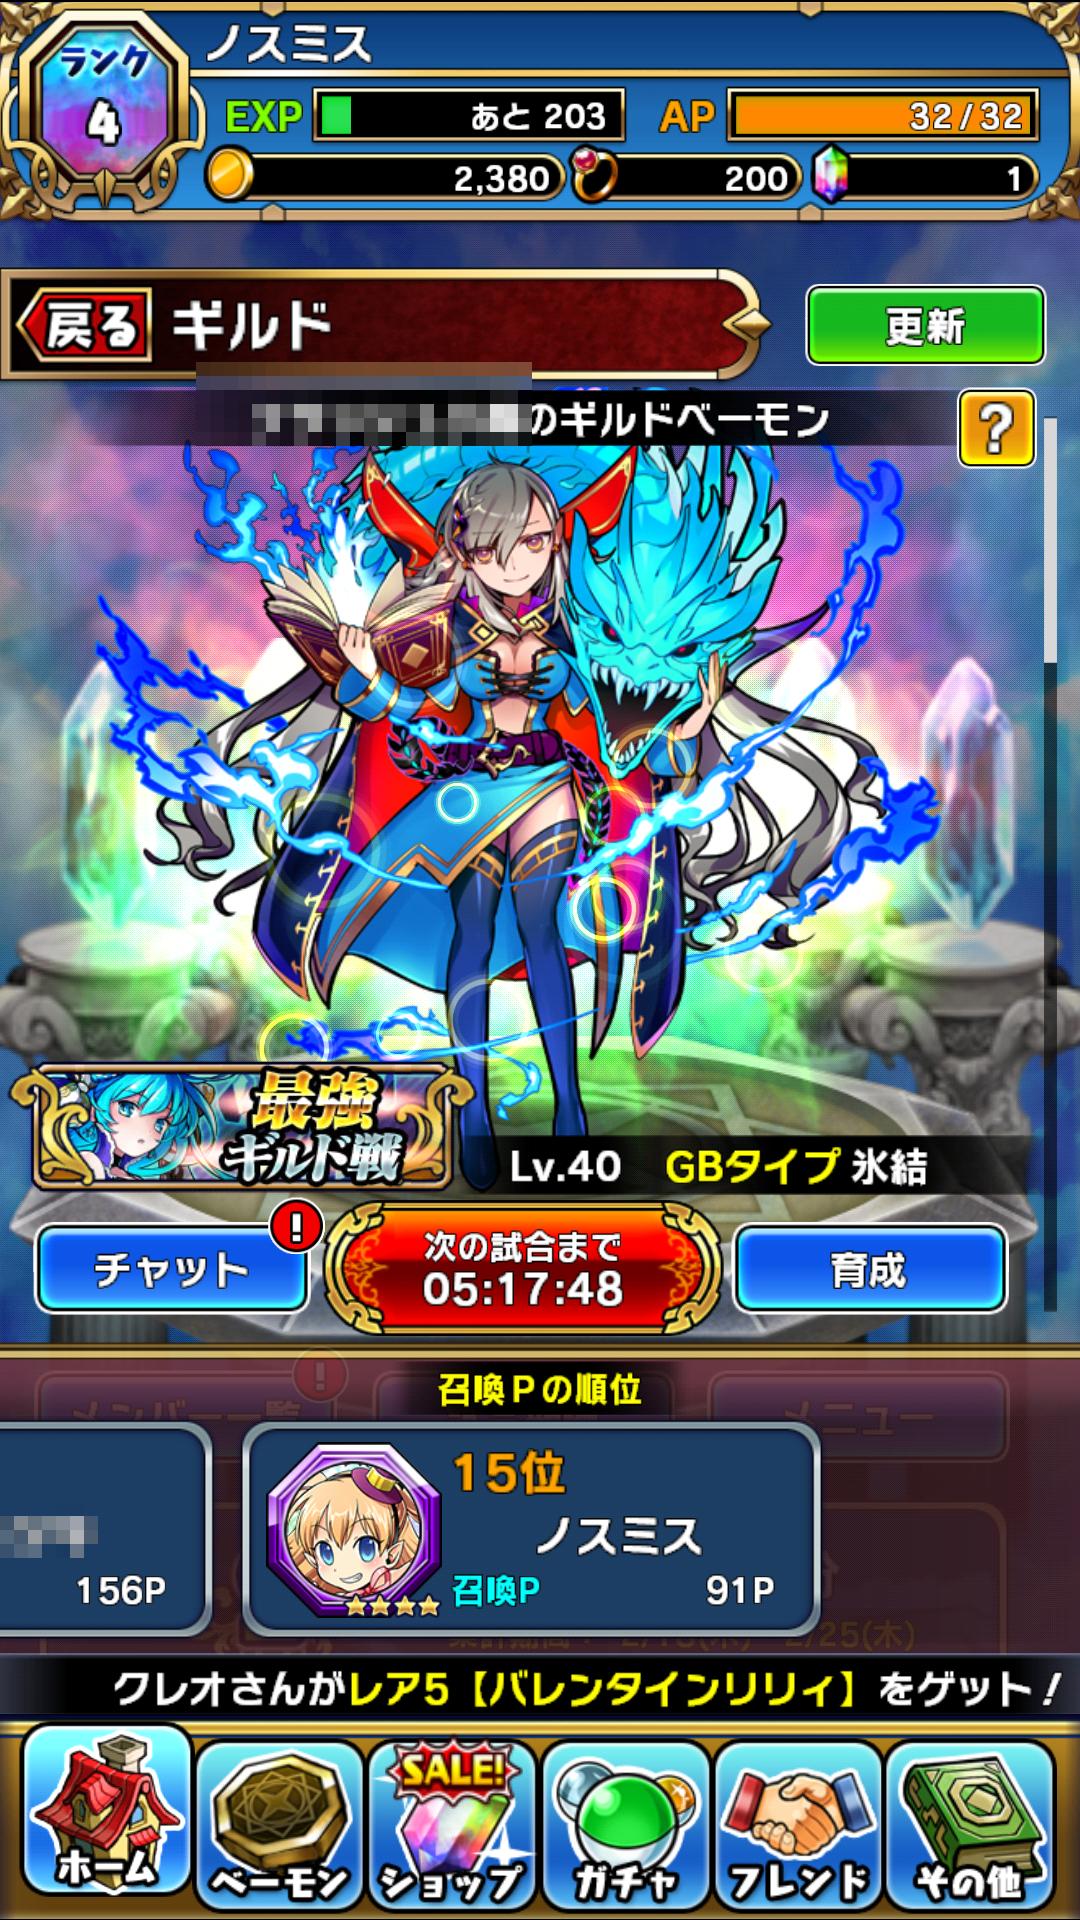 androidアプリ ベーモンキングダムΩ(ベーモン)攻略スクリーンショット7